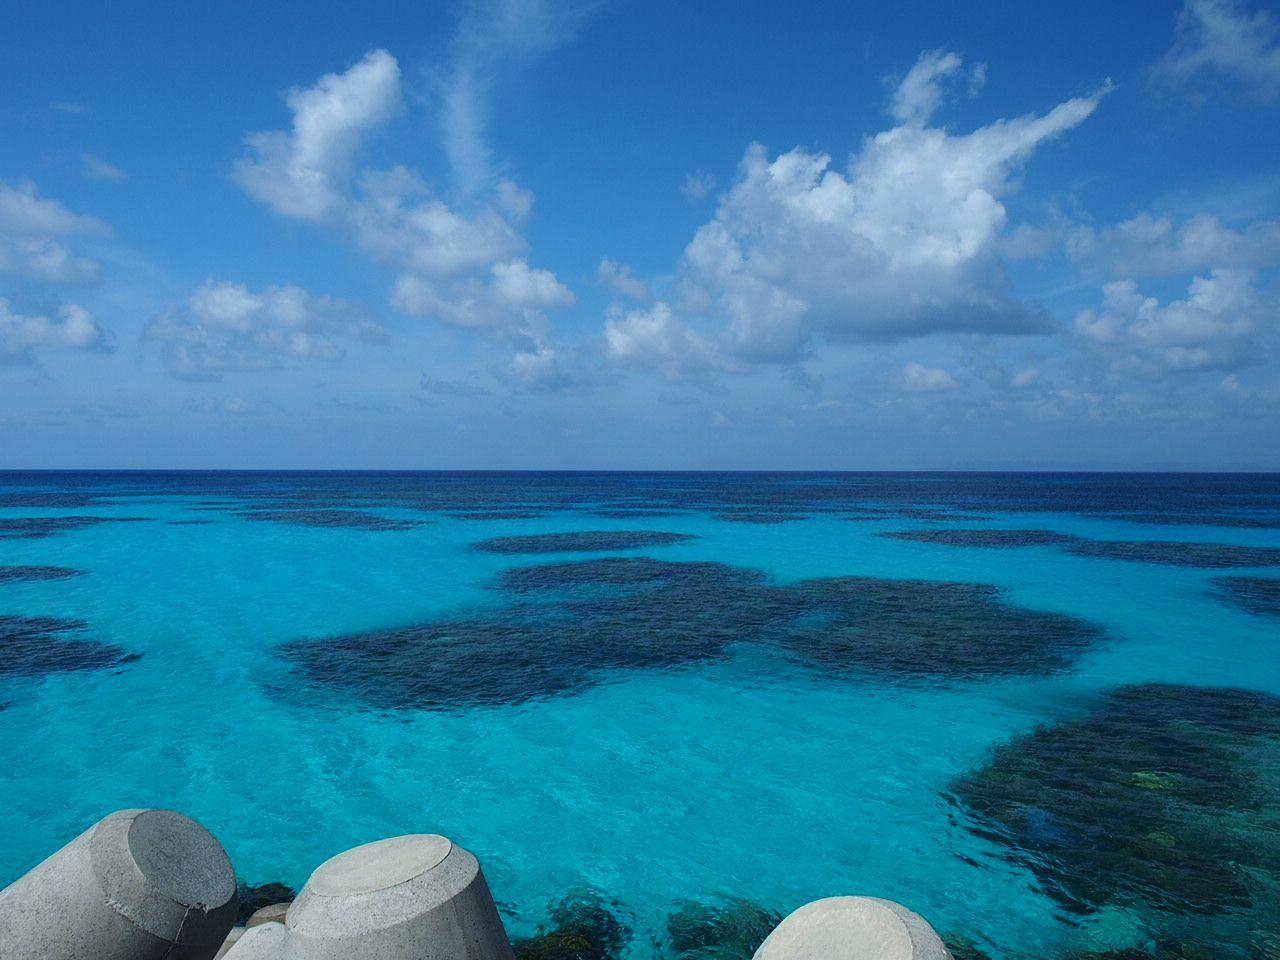 12.波照間港でインスタ映えする青い海をシェアしてみよう